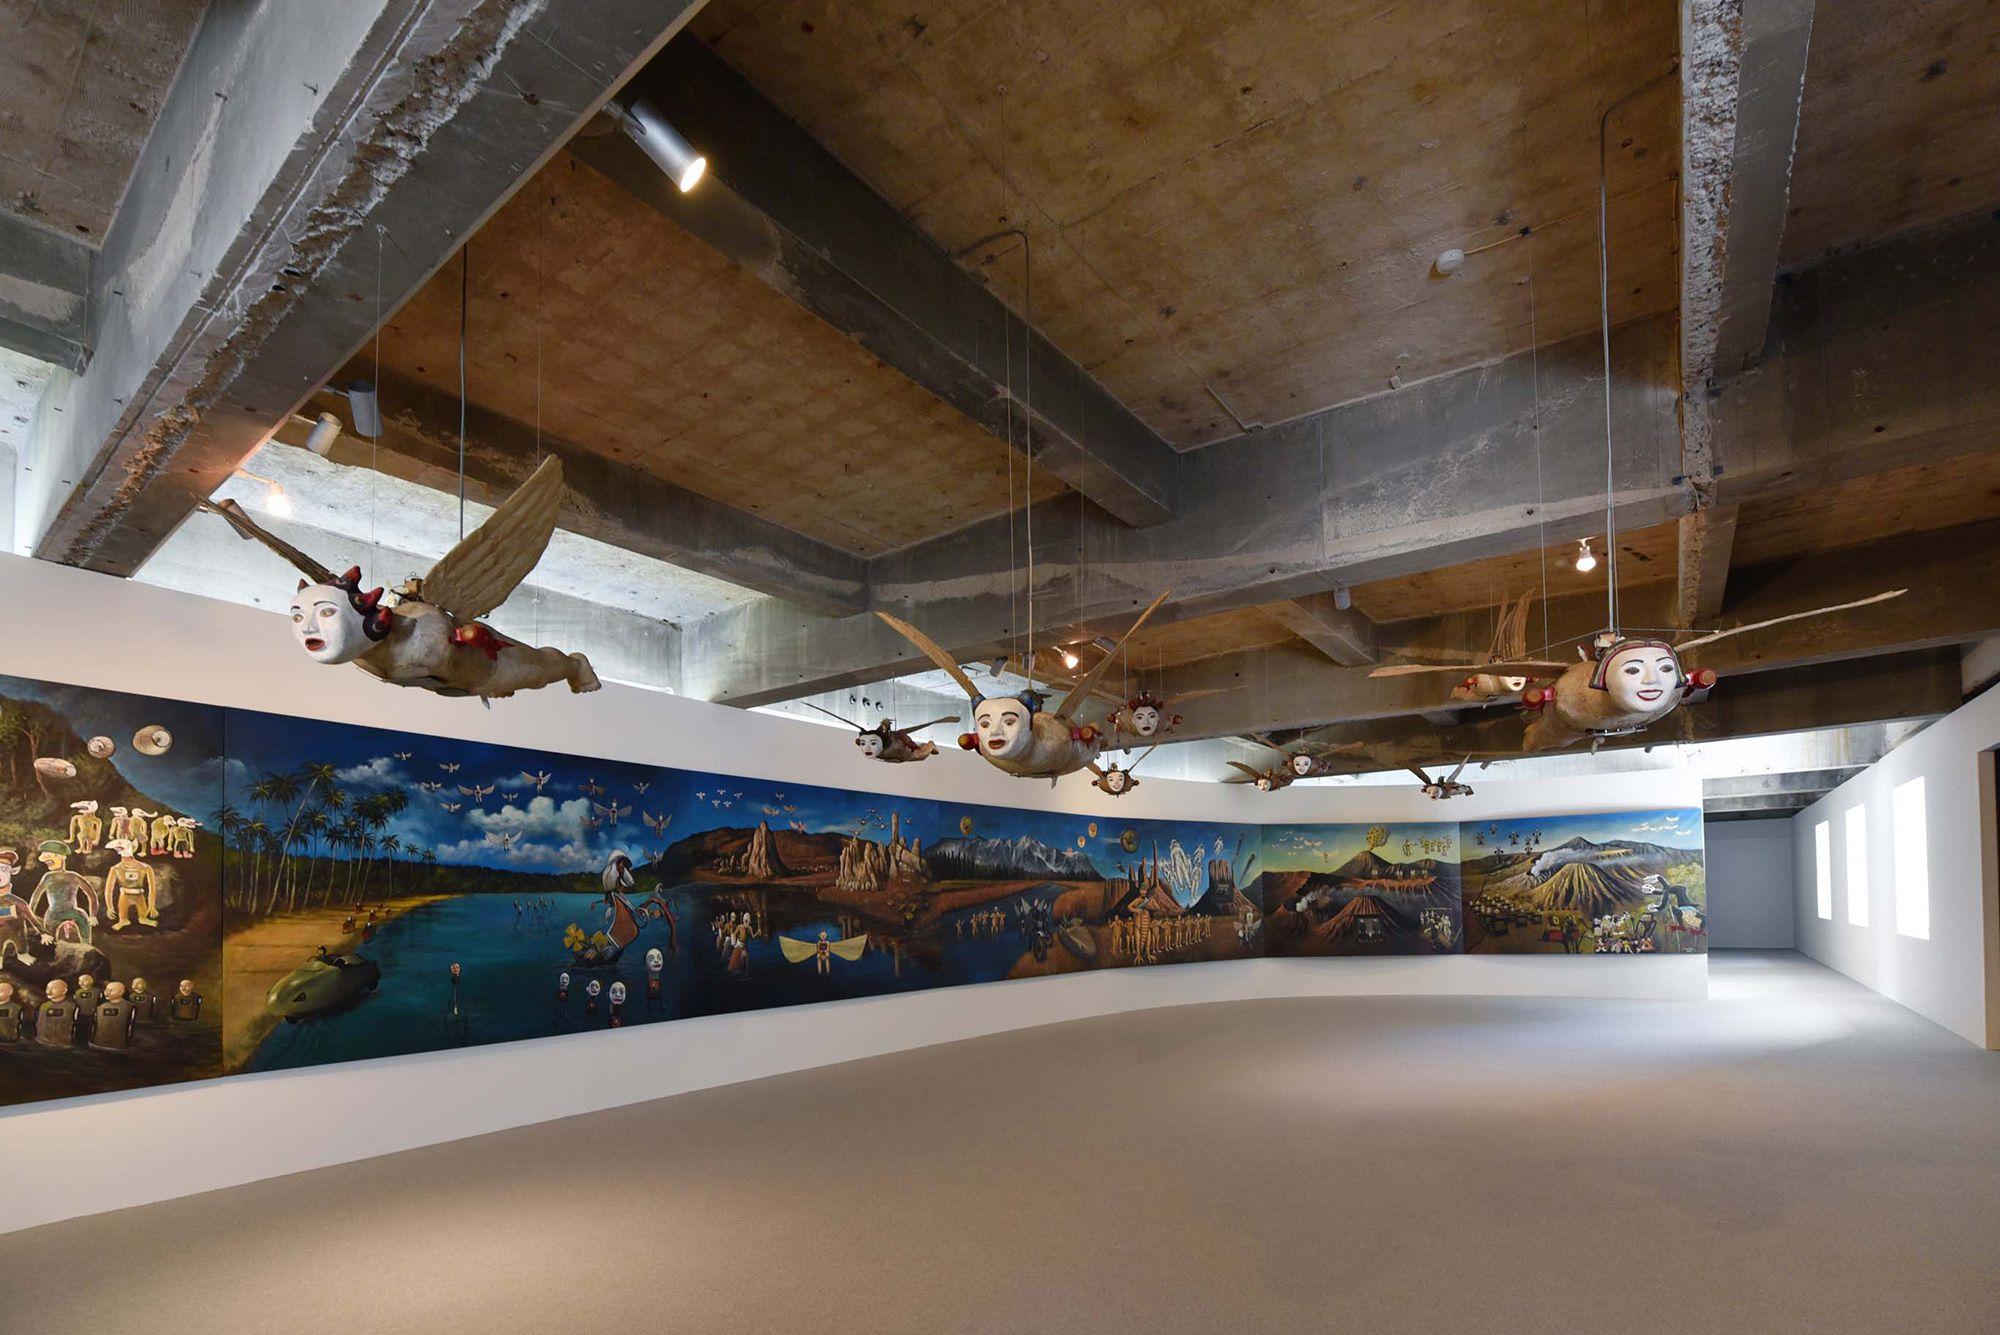 2階での企画展「眼に見える魂」でのインドネシアの作家、ヘリ・ドノの作品「The Odyssey of Heridonology」